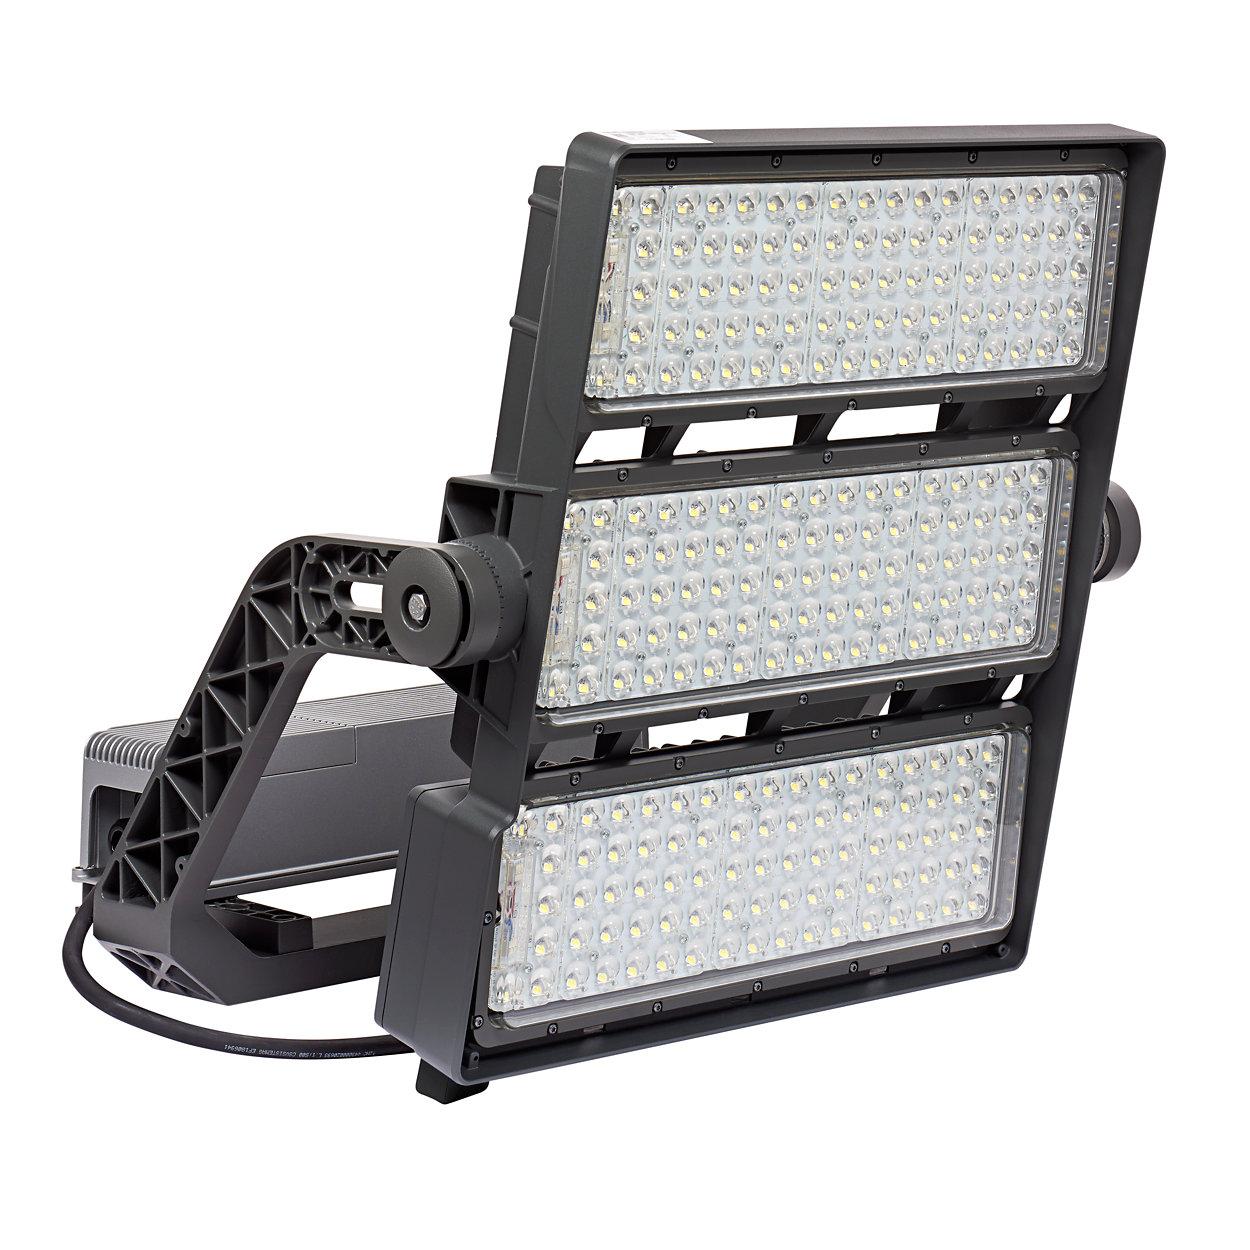 OptiVision LED gen3 - Für die Flächen- und Sportplatzbeleuchtung hat ein neues Zeitalter begonnen